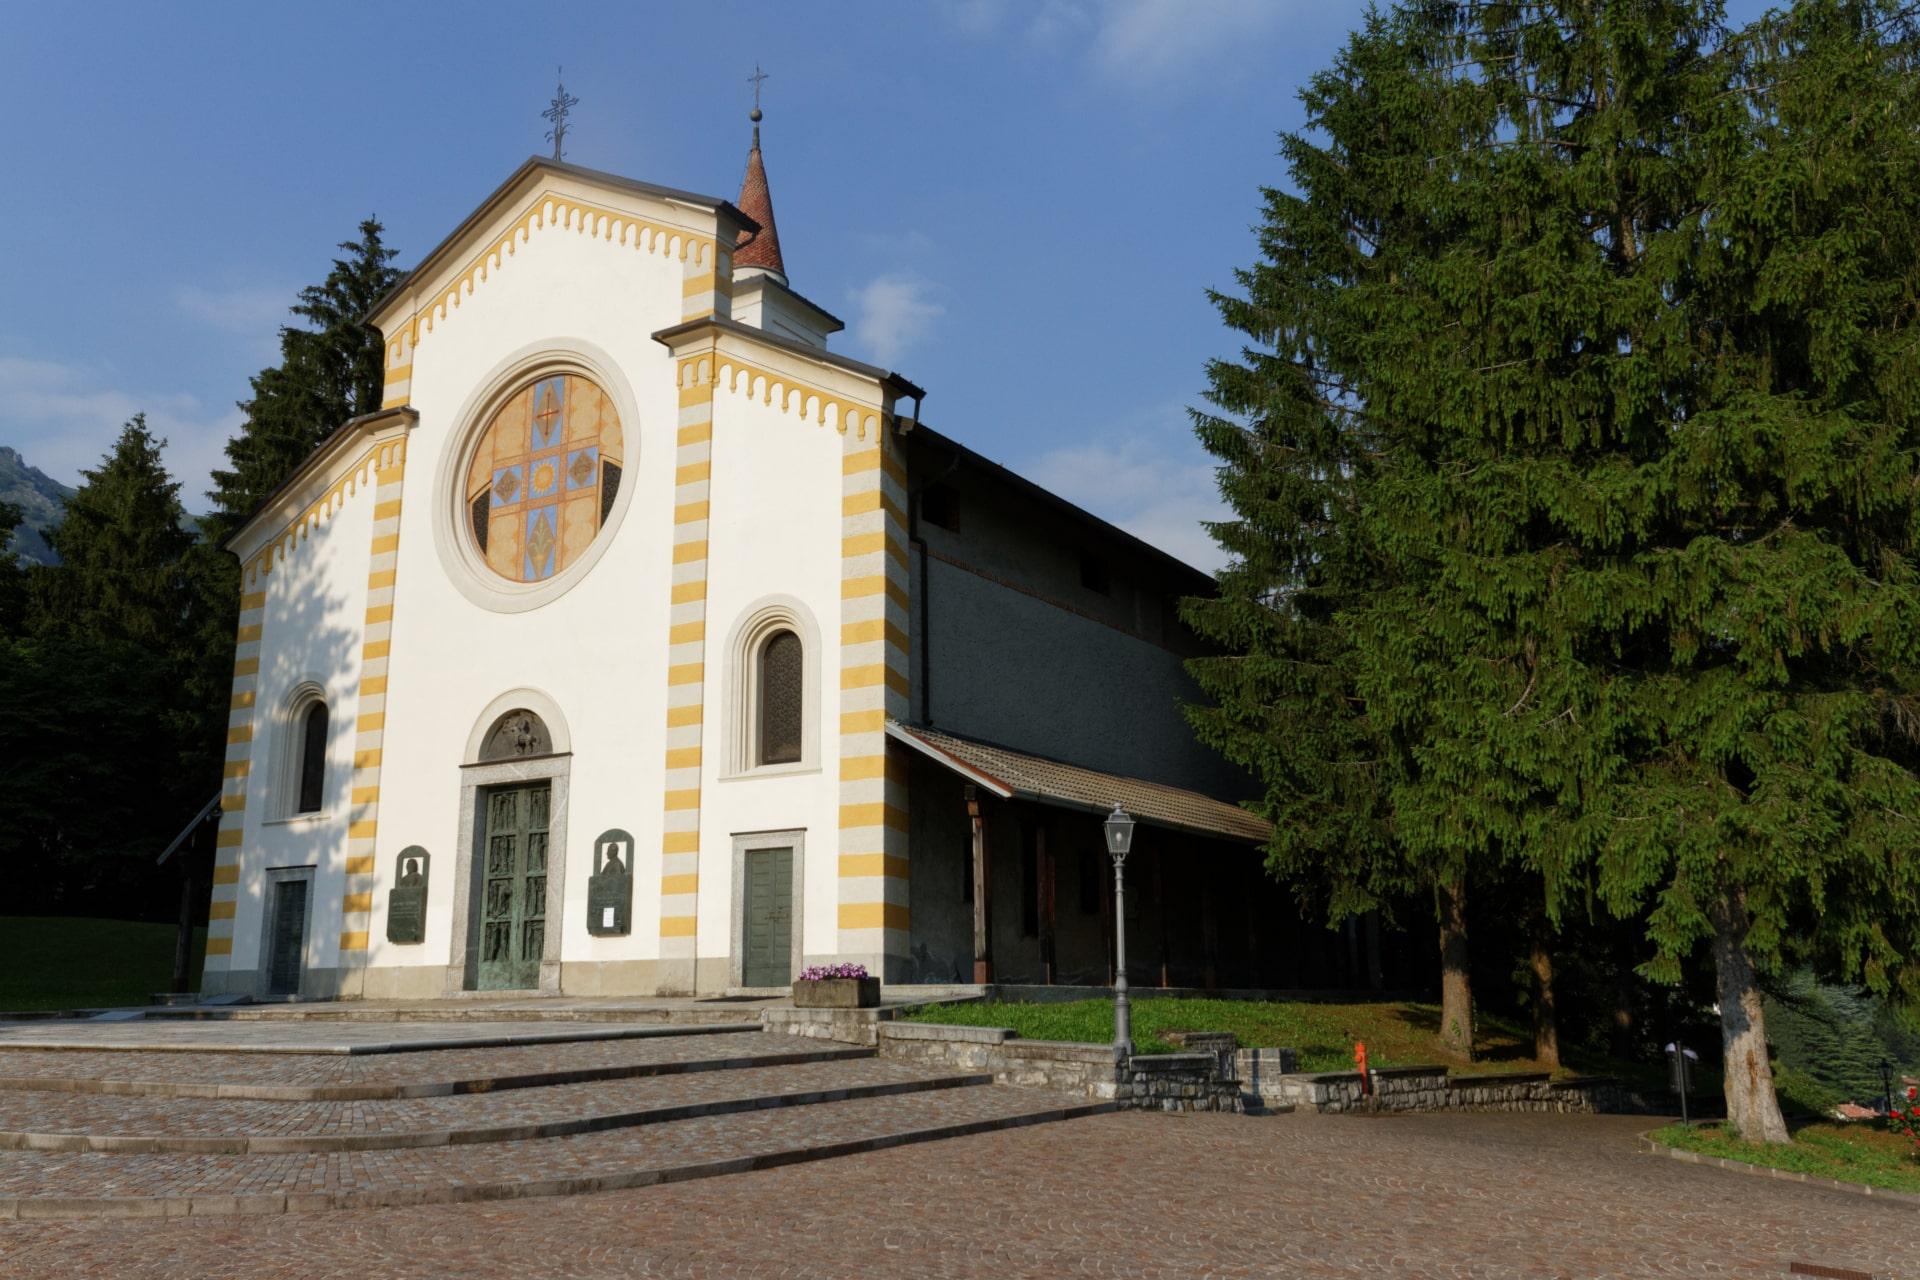 Chiesa parrochiale di San Vittore